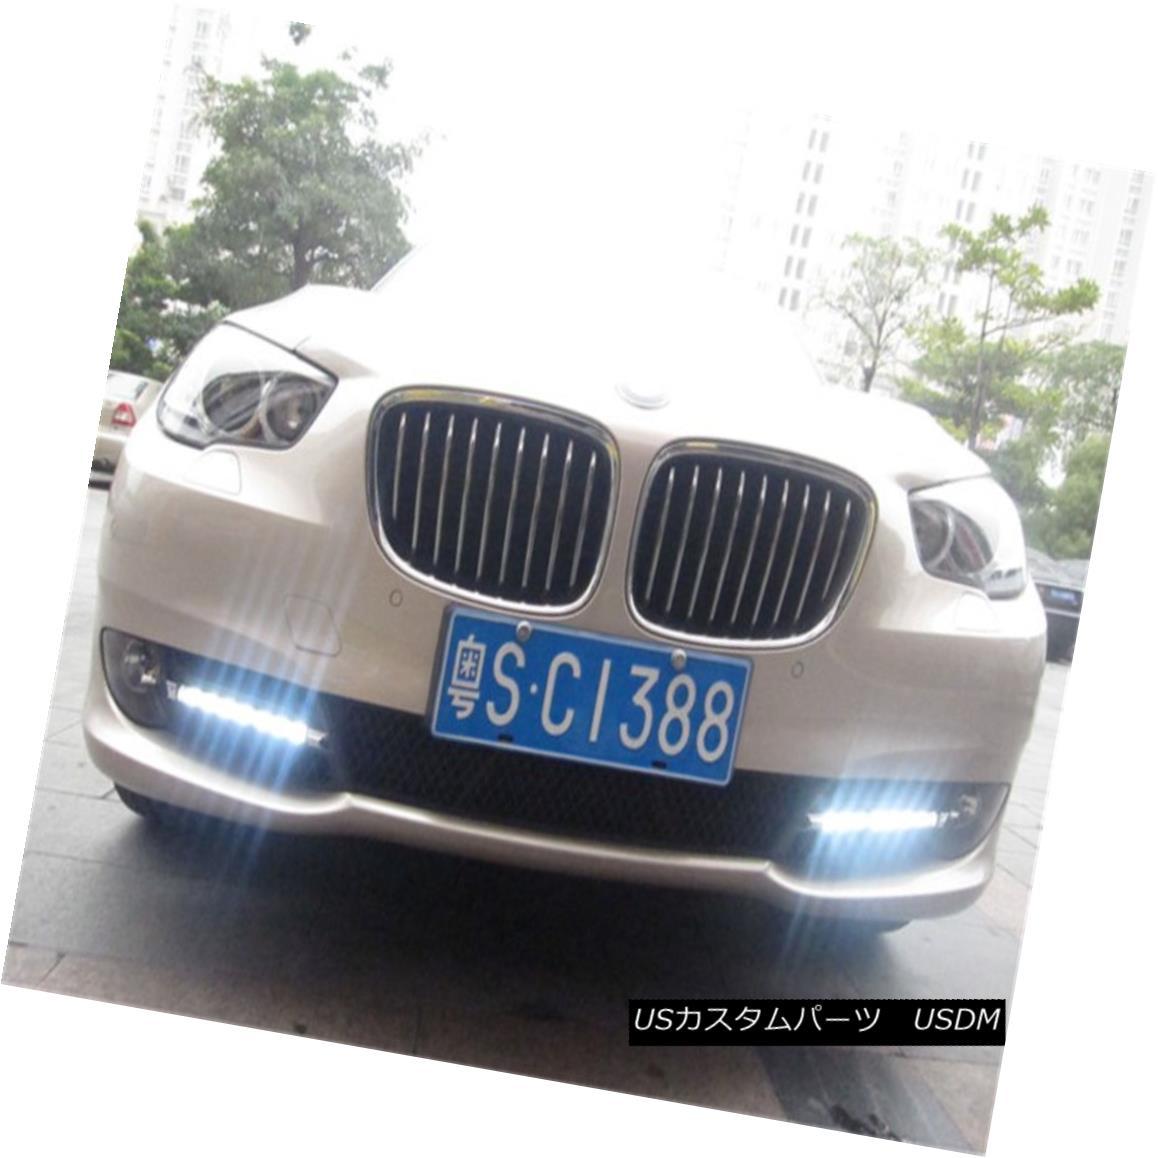 車用品 バイク用品 >> パーツ 外装 エアロパーツ その他 LED Daytime Running Light For 5シリーズGT Regular GT LEDデイタイムランニングライトBMW 09-13 5 Bumper Series Decorate 爆売りセール開催中 DRL 09-13レギュラーバンパーDRLデコレーション BMW 激安通販販売